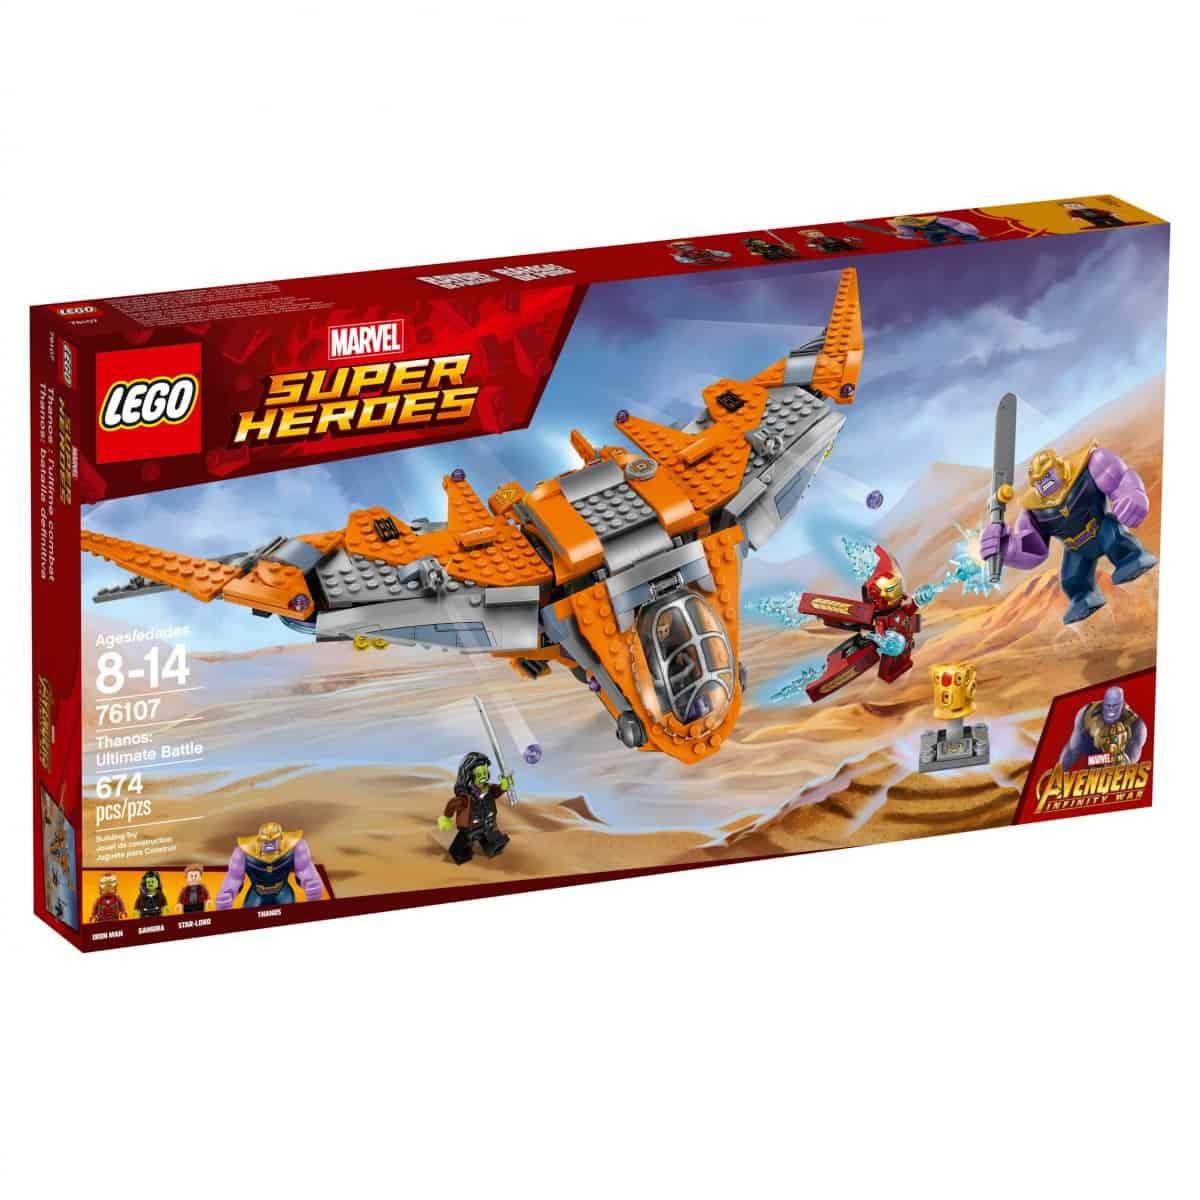 lego 76107 thanos ultimate battle scaled